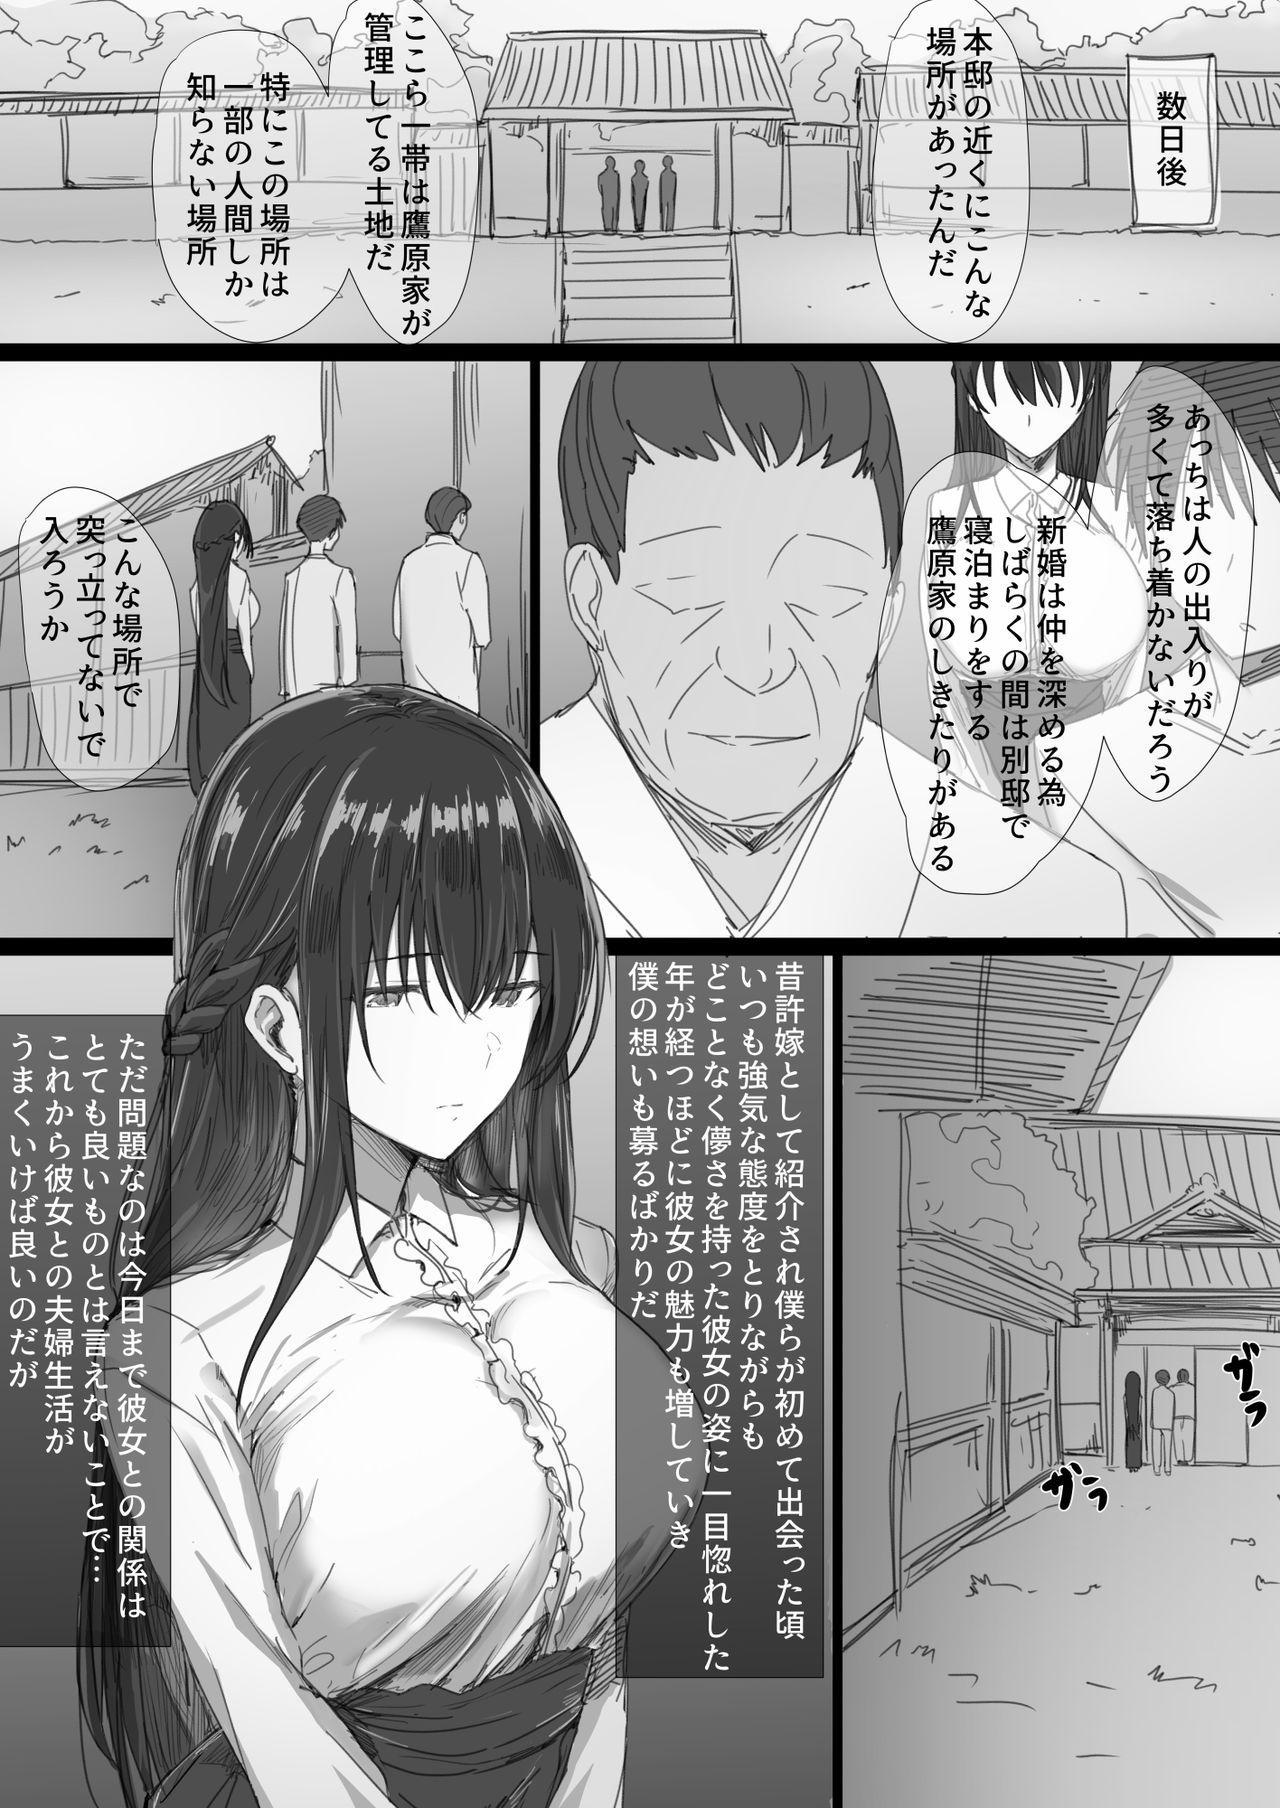 Ki ga Tsuyoi Seiso na Hitozuma Reijou ga Netorareru made no Ichibu Shijuu 3